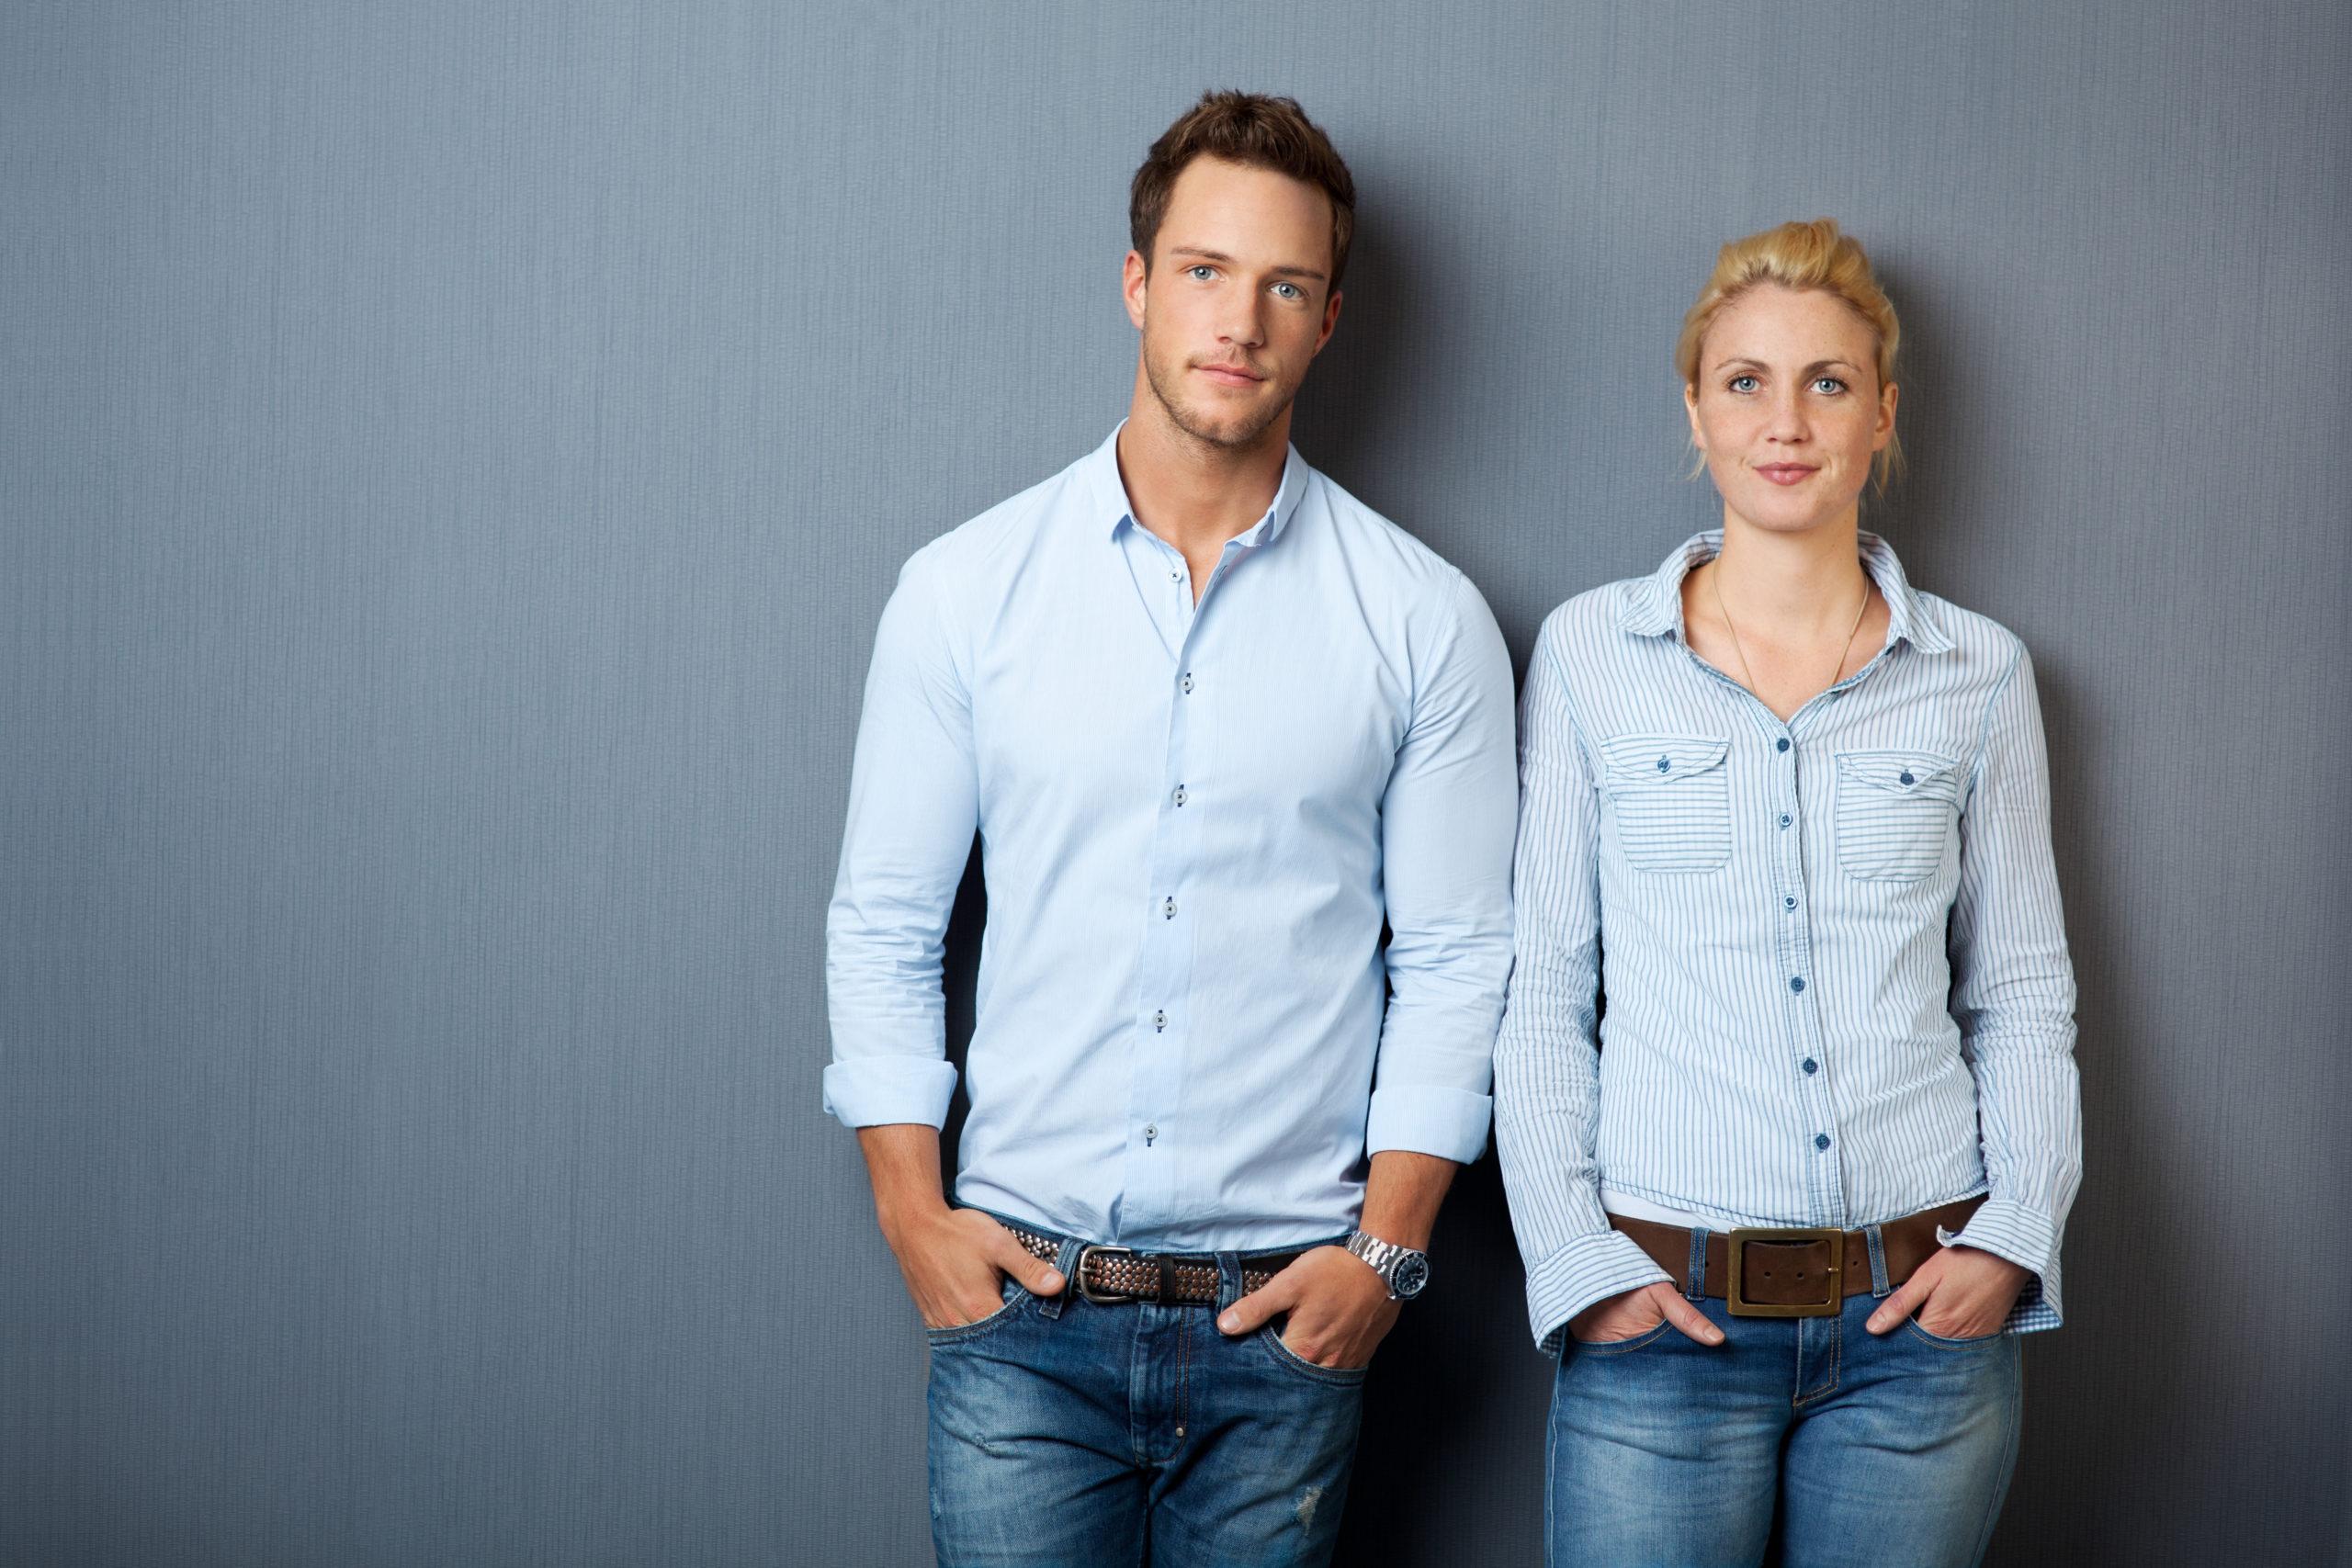 Foto von modernem jungen paar nebeneinander stehend in Jeans mit hellblauem Hemd